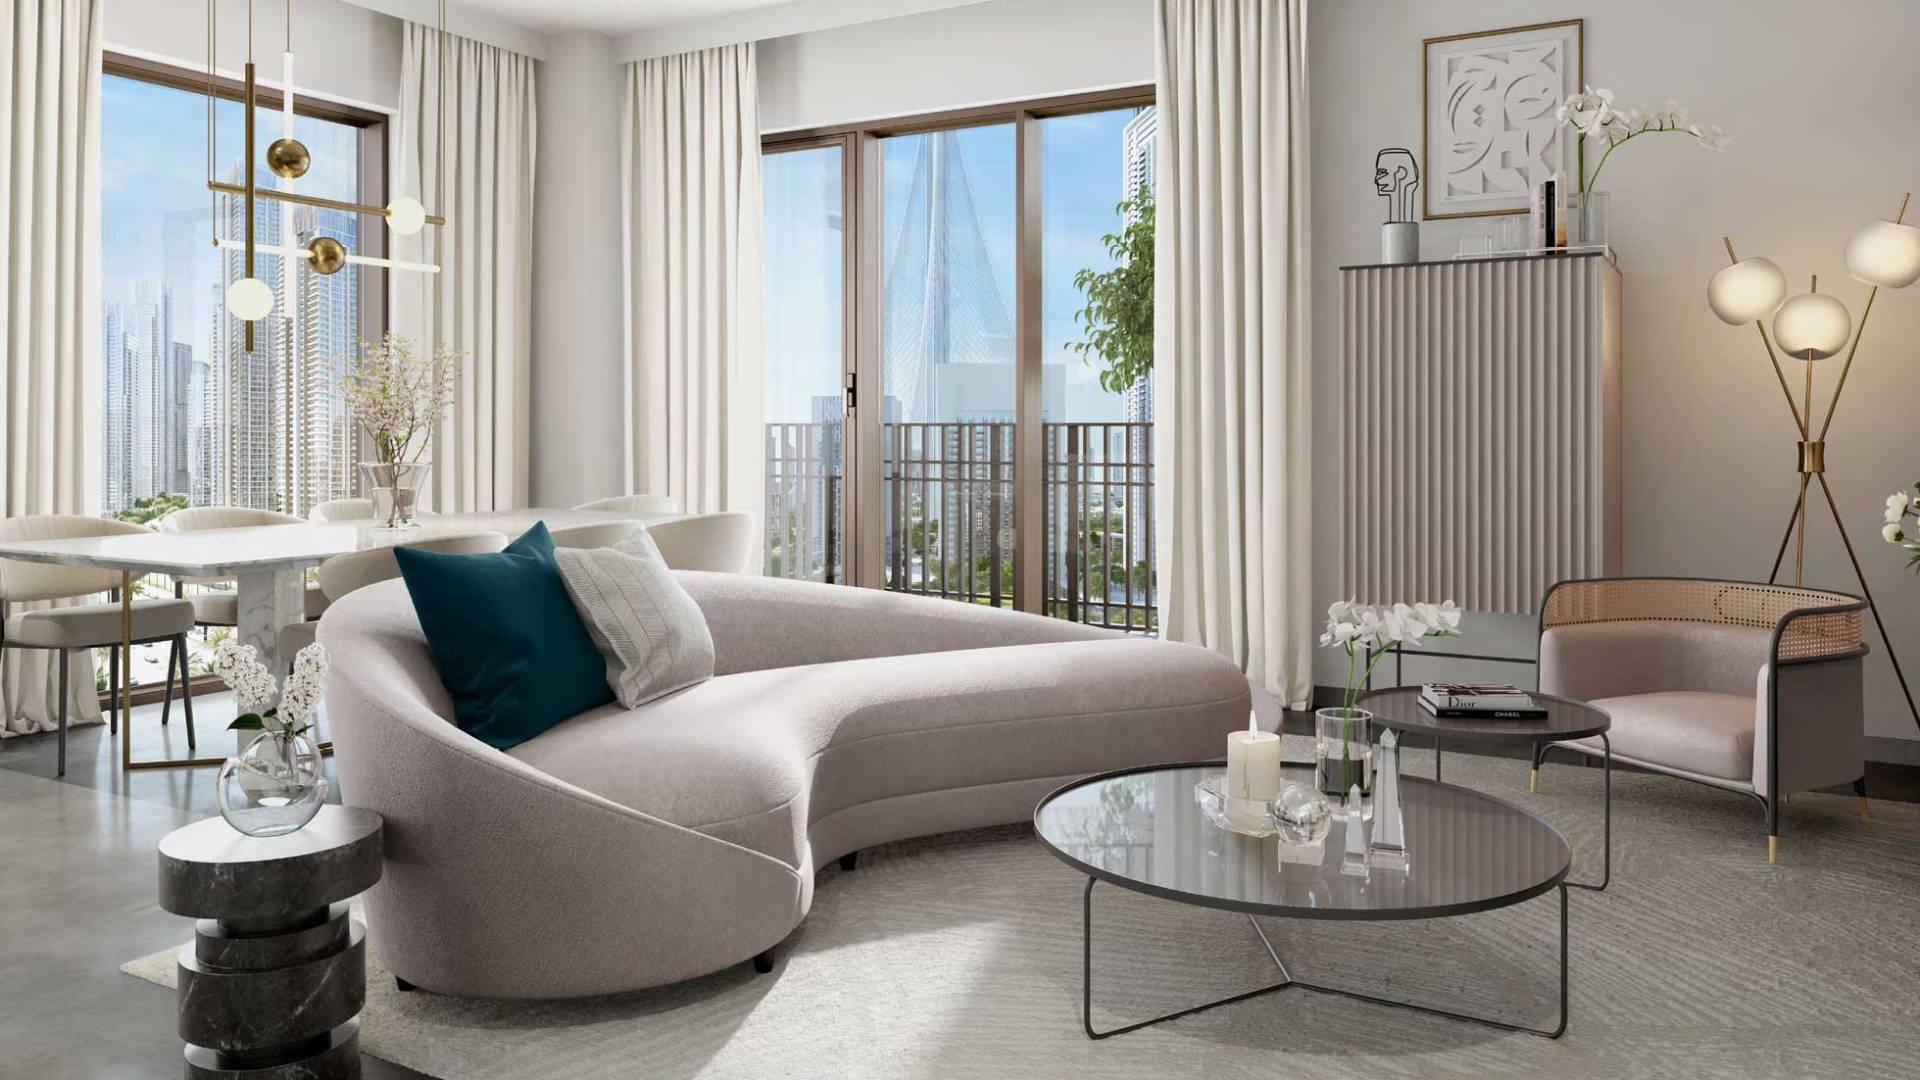 Apartamento en venta en Dubai, EAU, 3 dormitorios, 139 m2, № 24619 – foto 1